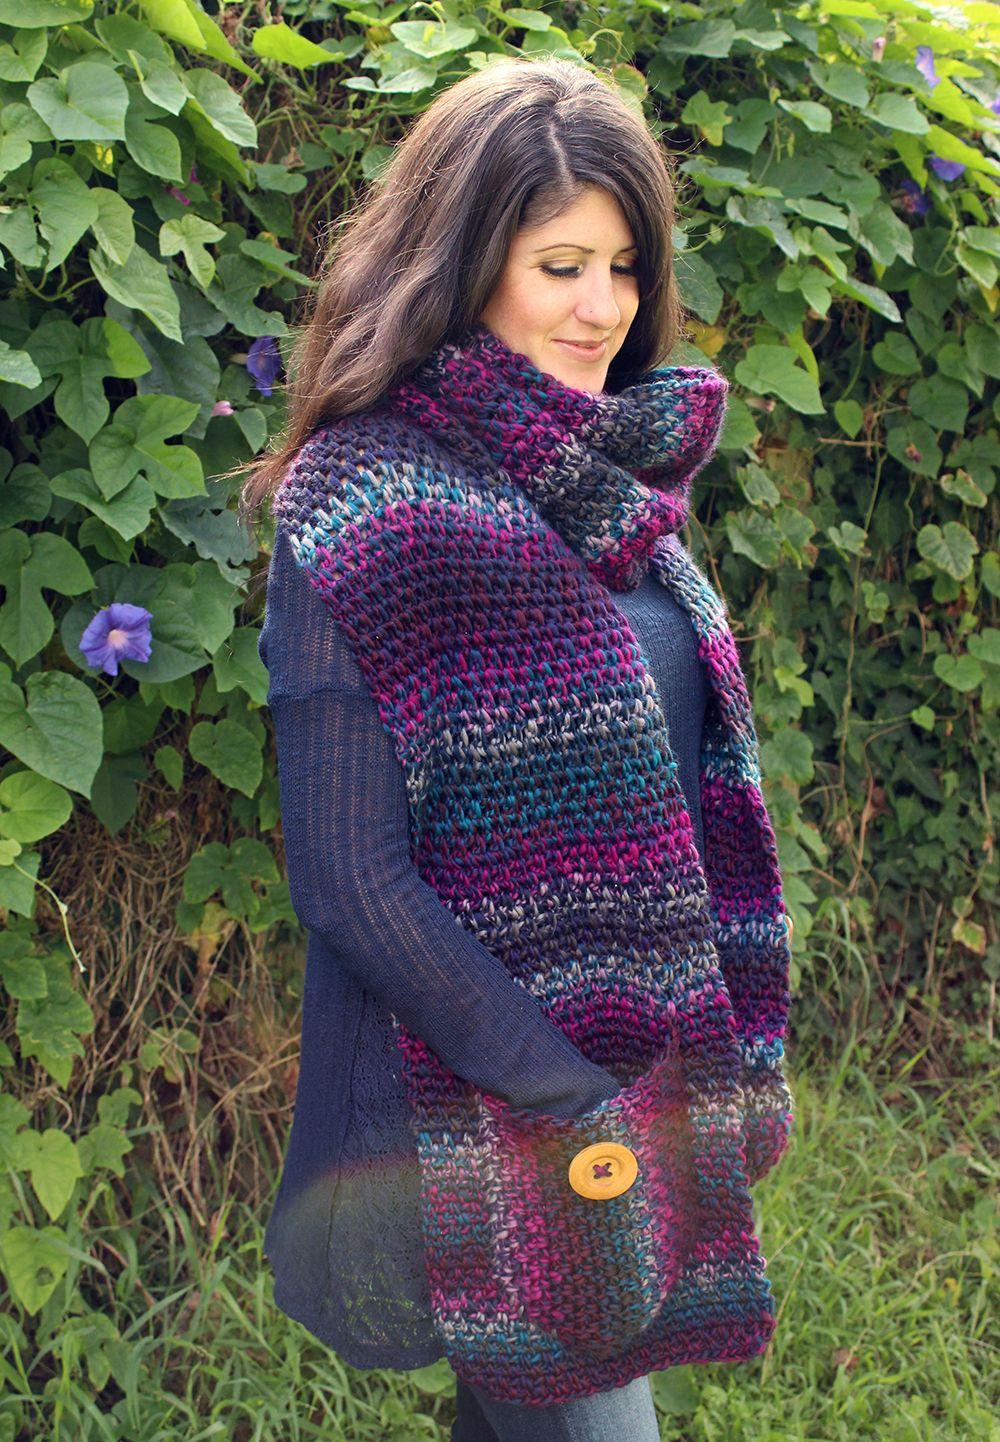 Free Crochet Pattern: Amethyst Scarf | Crochet Projects | Pinterest ...